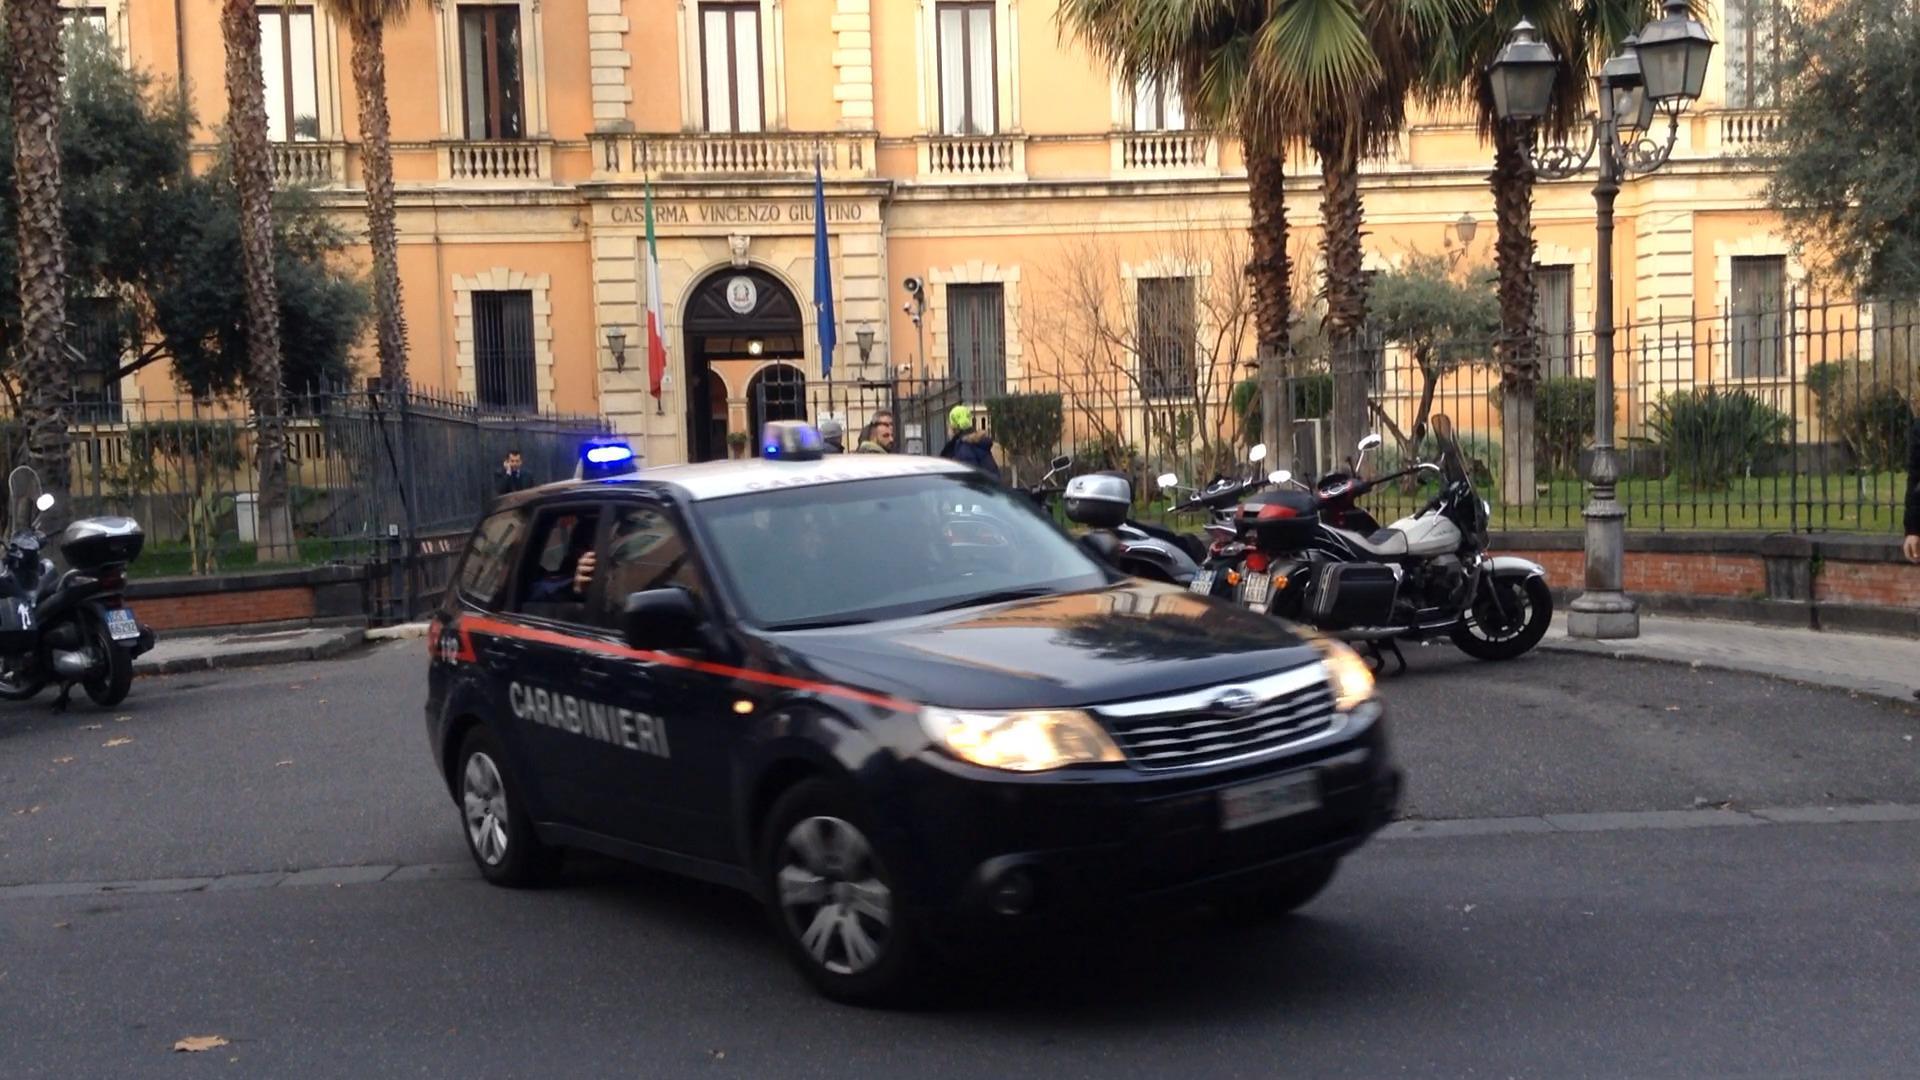 Sevizia e sequestra la ex, arrestato a Catania